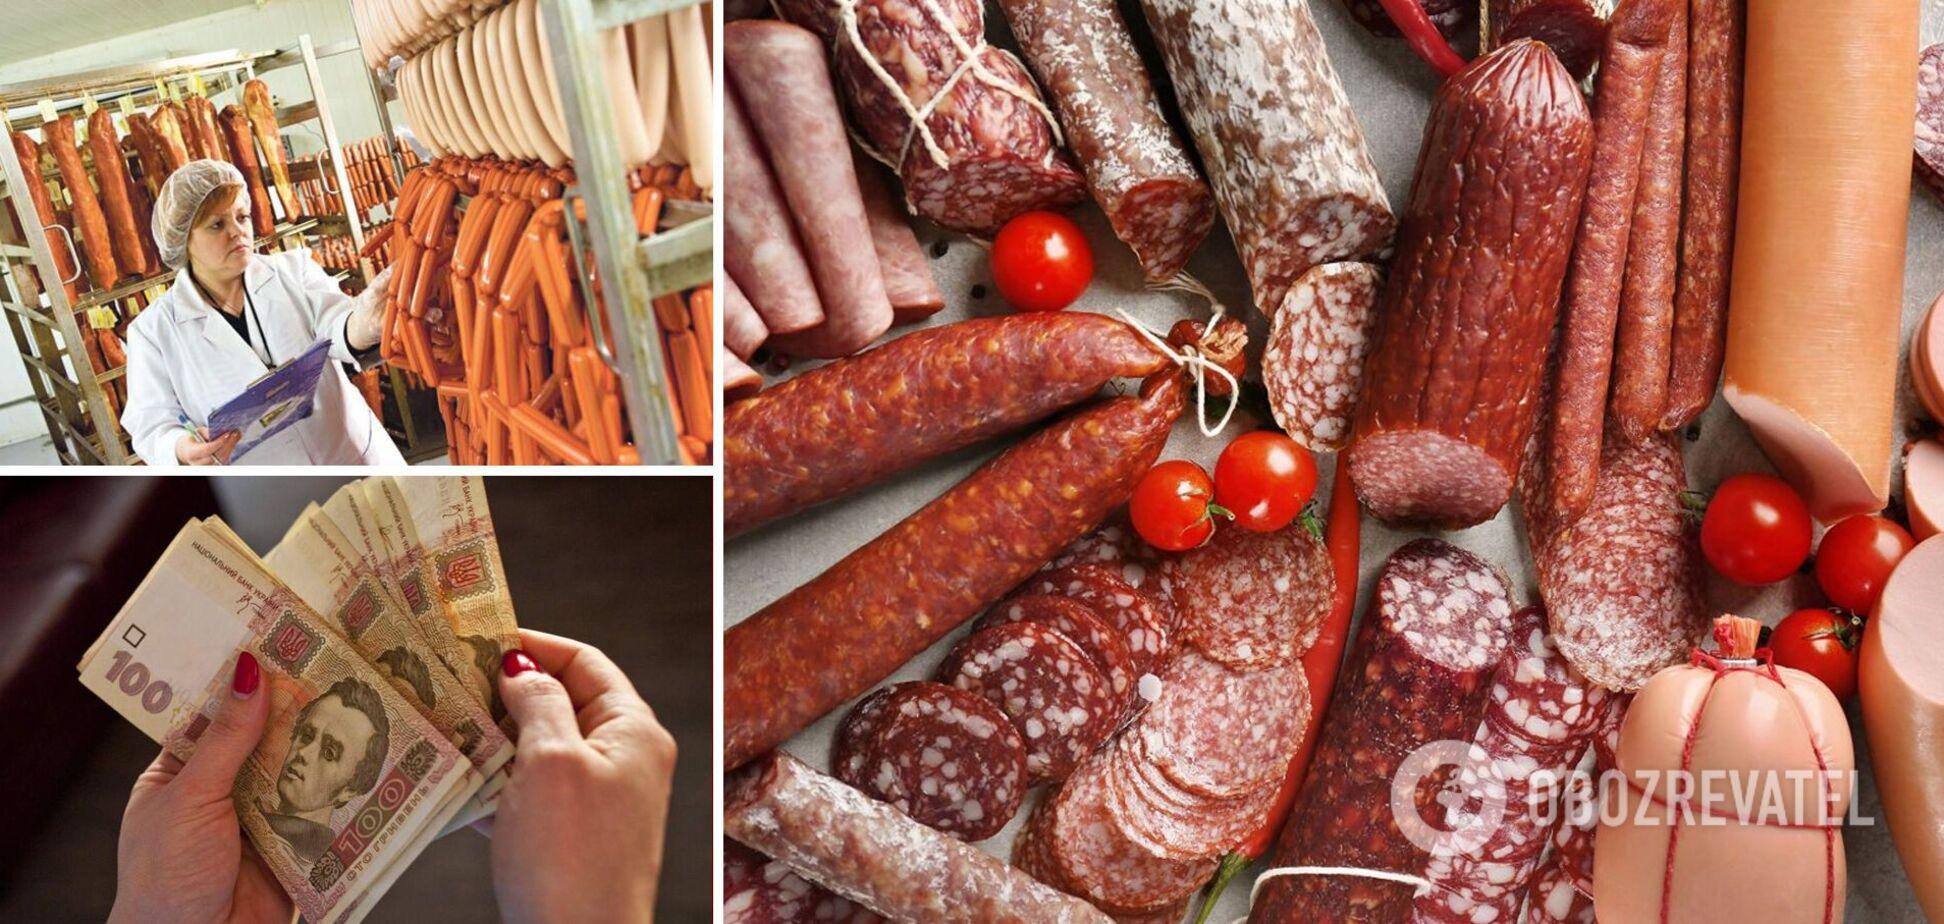 Українцям замість ковбаси продають фальсифікат: яку не можна купувати і як вибрати якісну